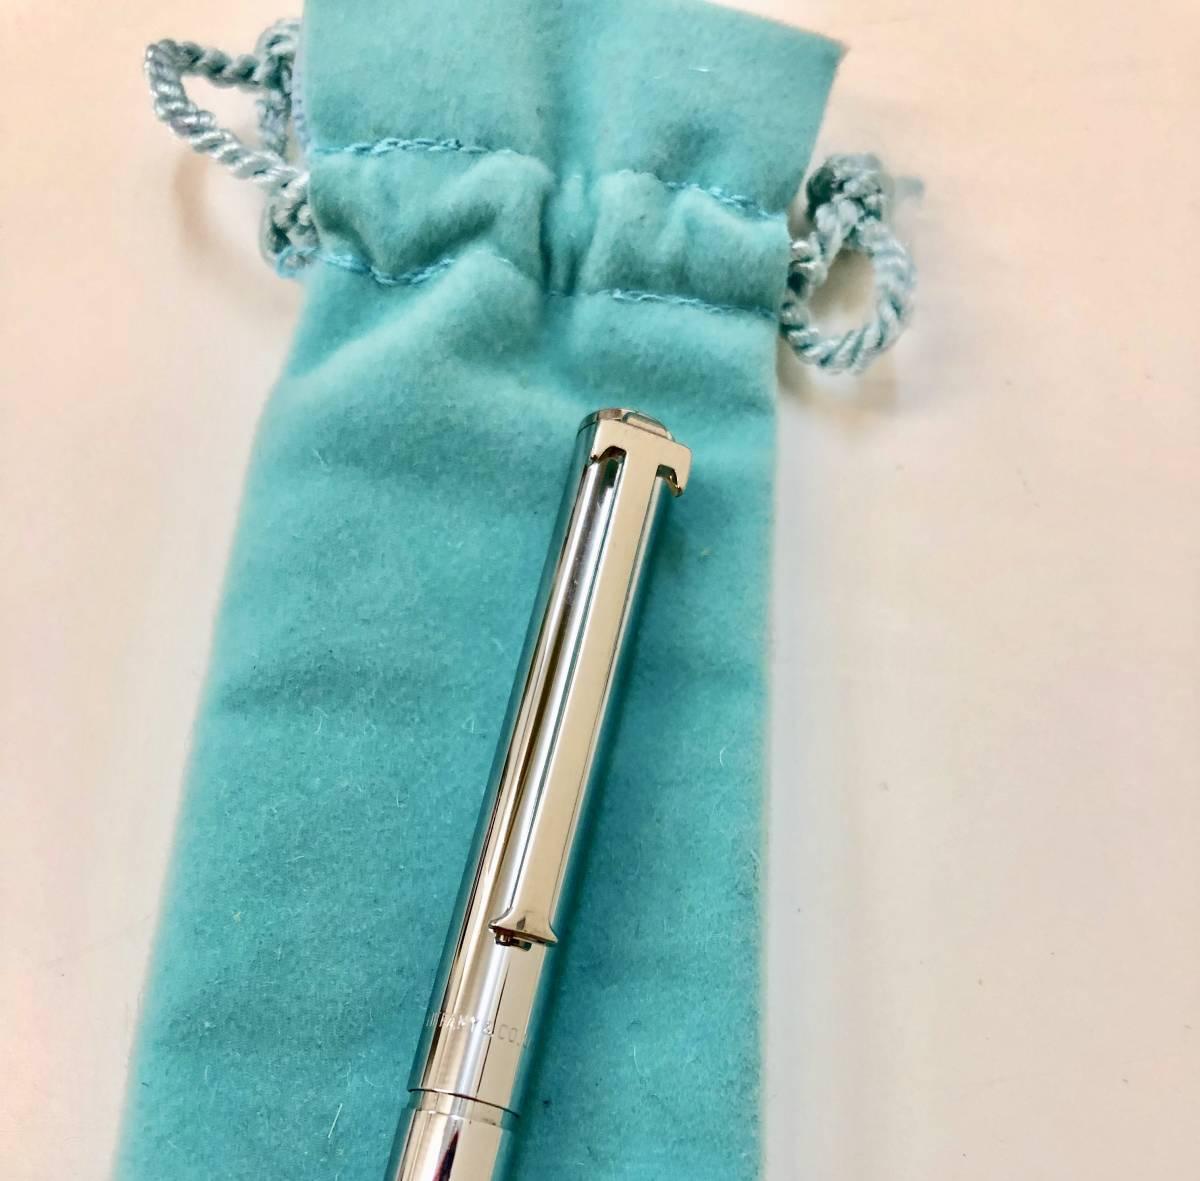 【中古】TIFANY&Co. ティファニーシルバーリング ネックレス ボールペン 4点セット_画像10